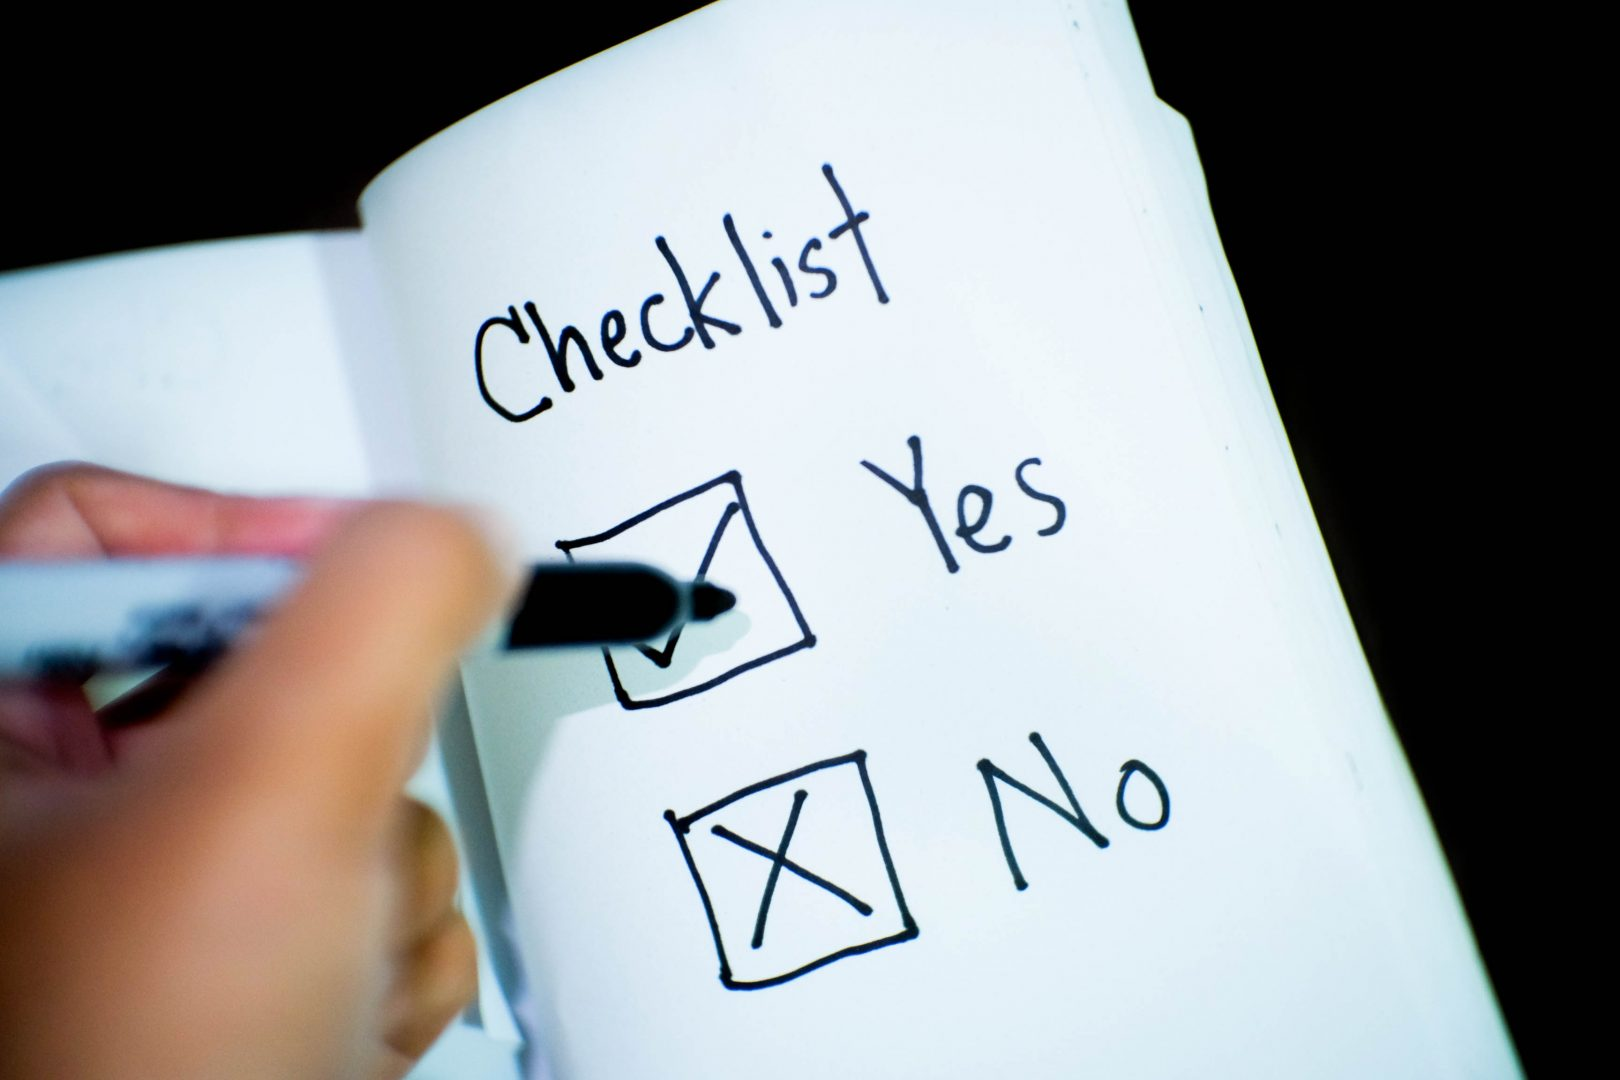 ticking-off-checklist